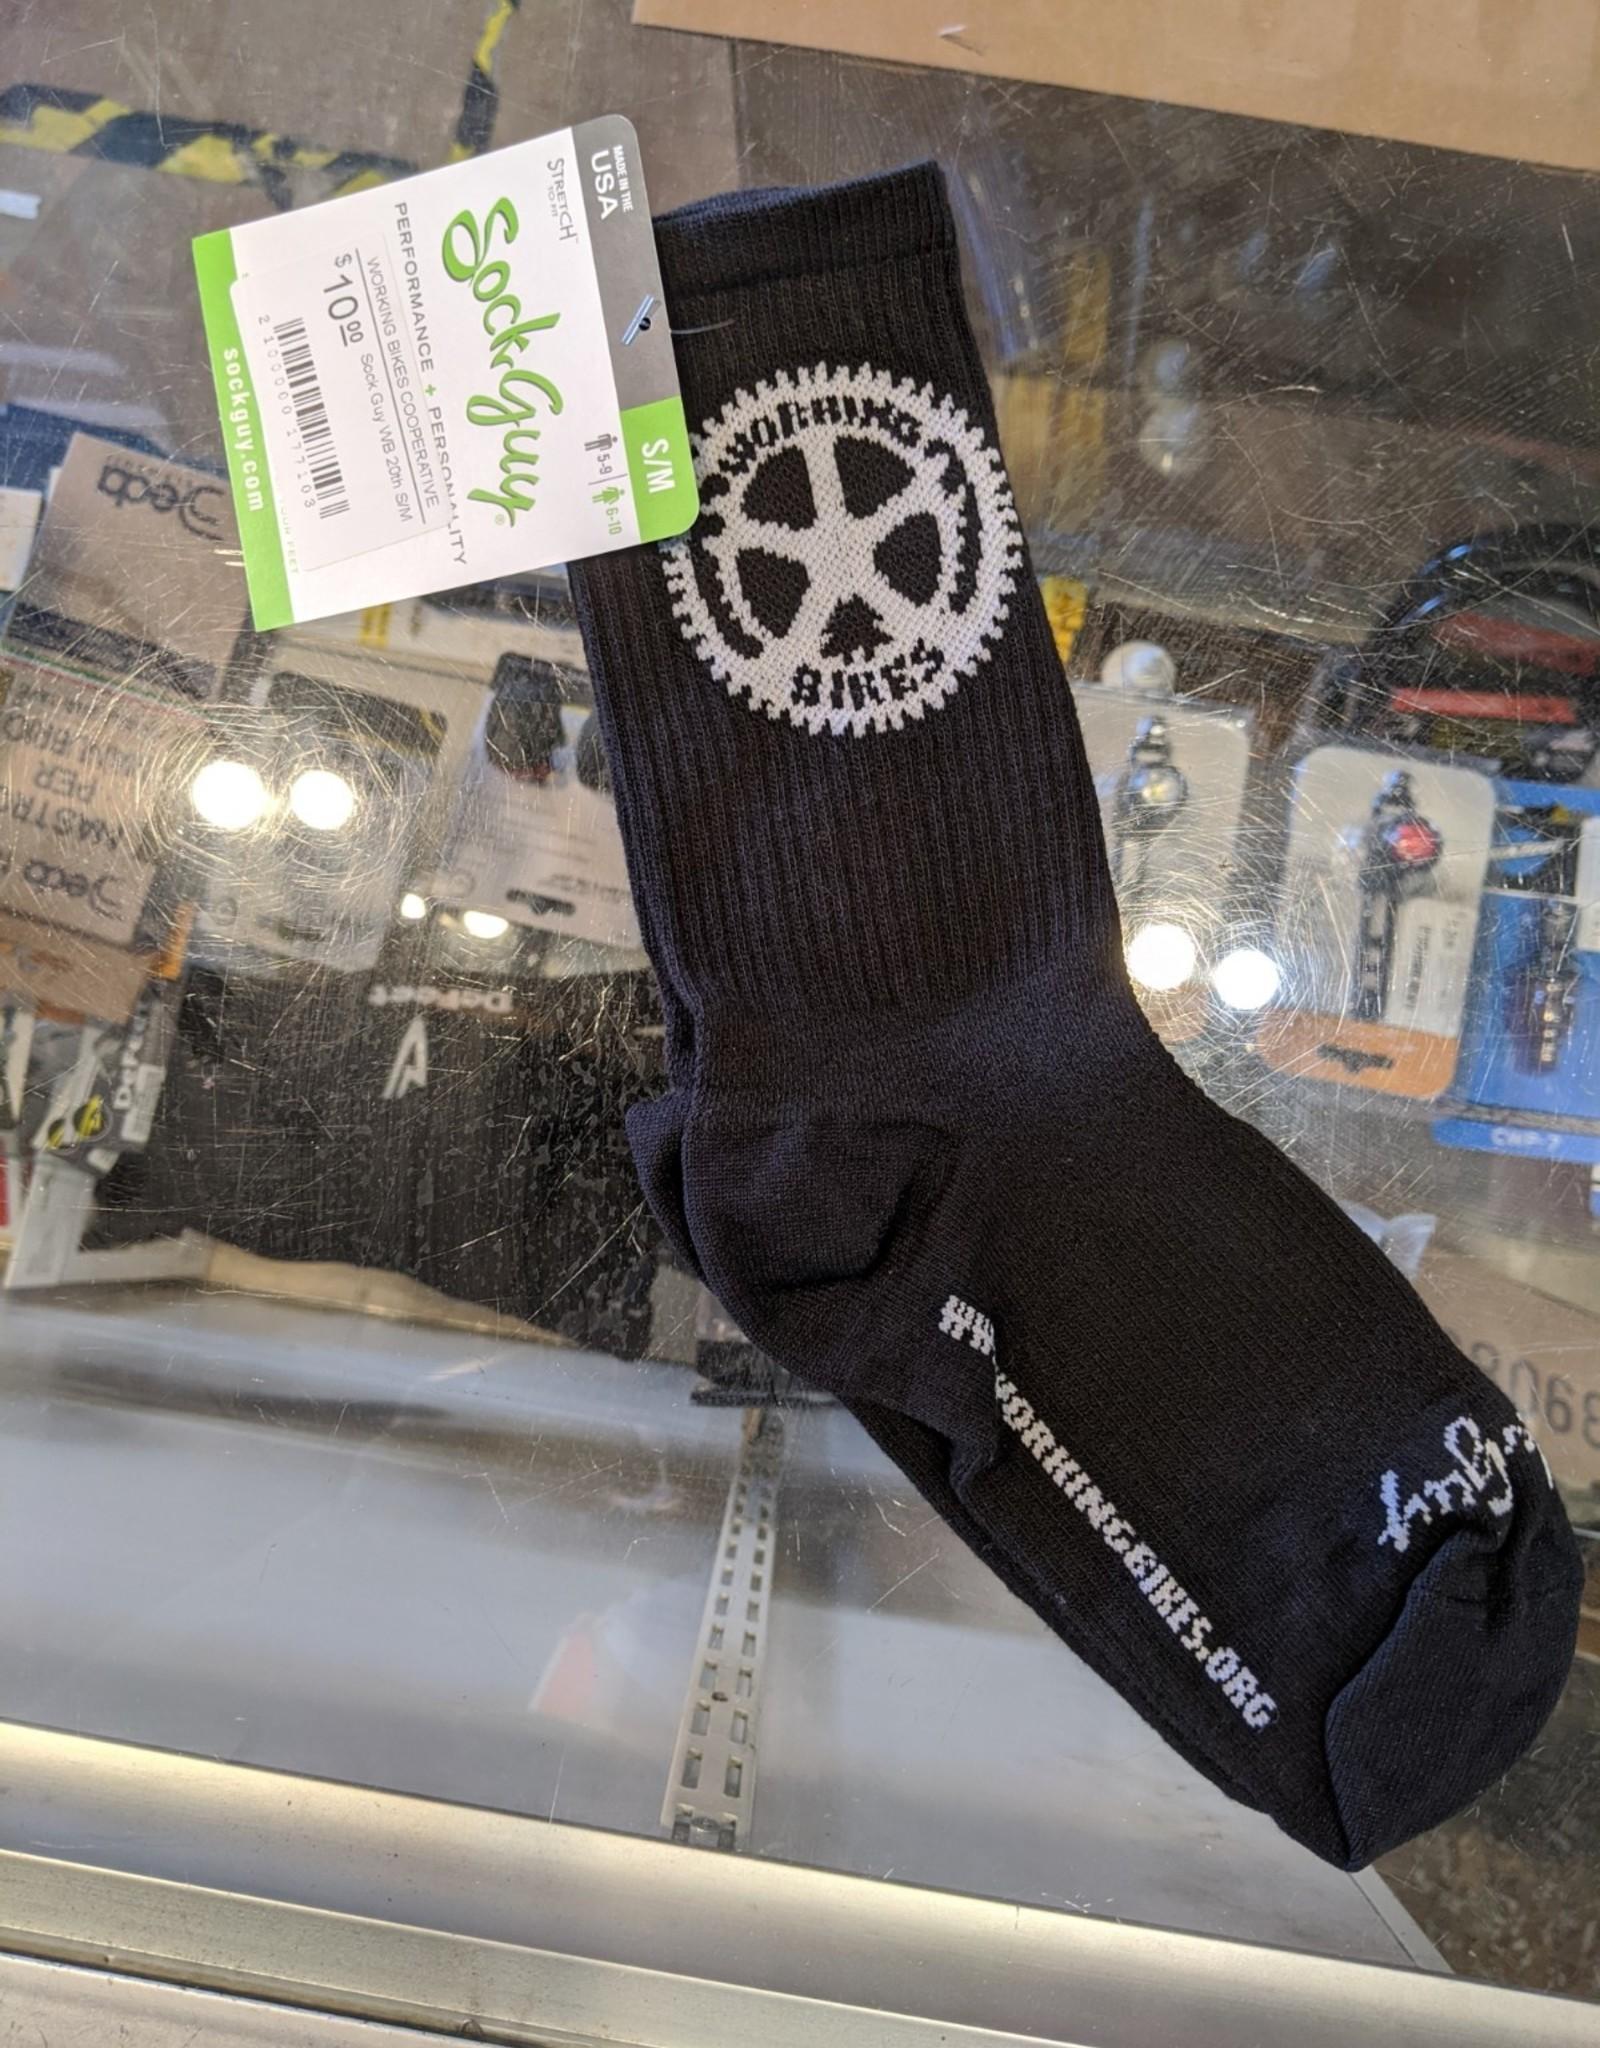 Working Bikes 20th Anniversary Socks:  S/M